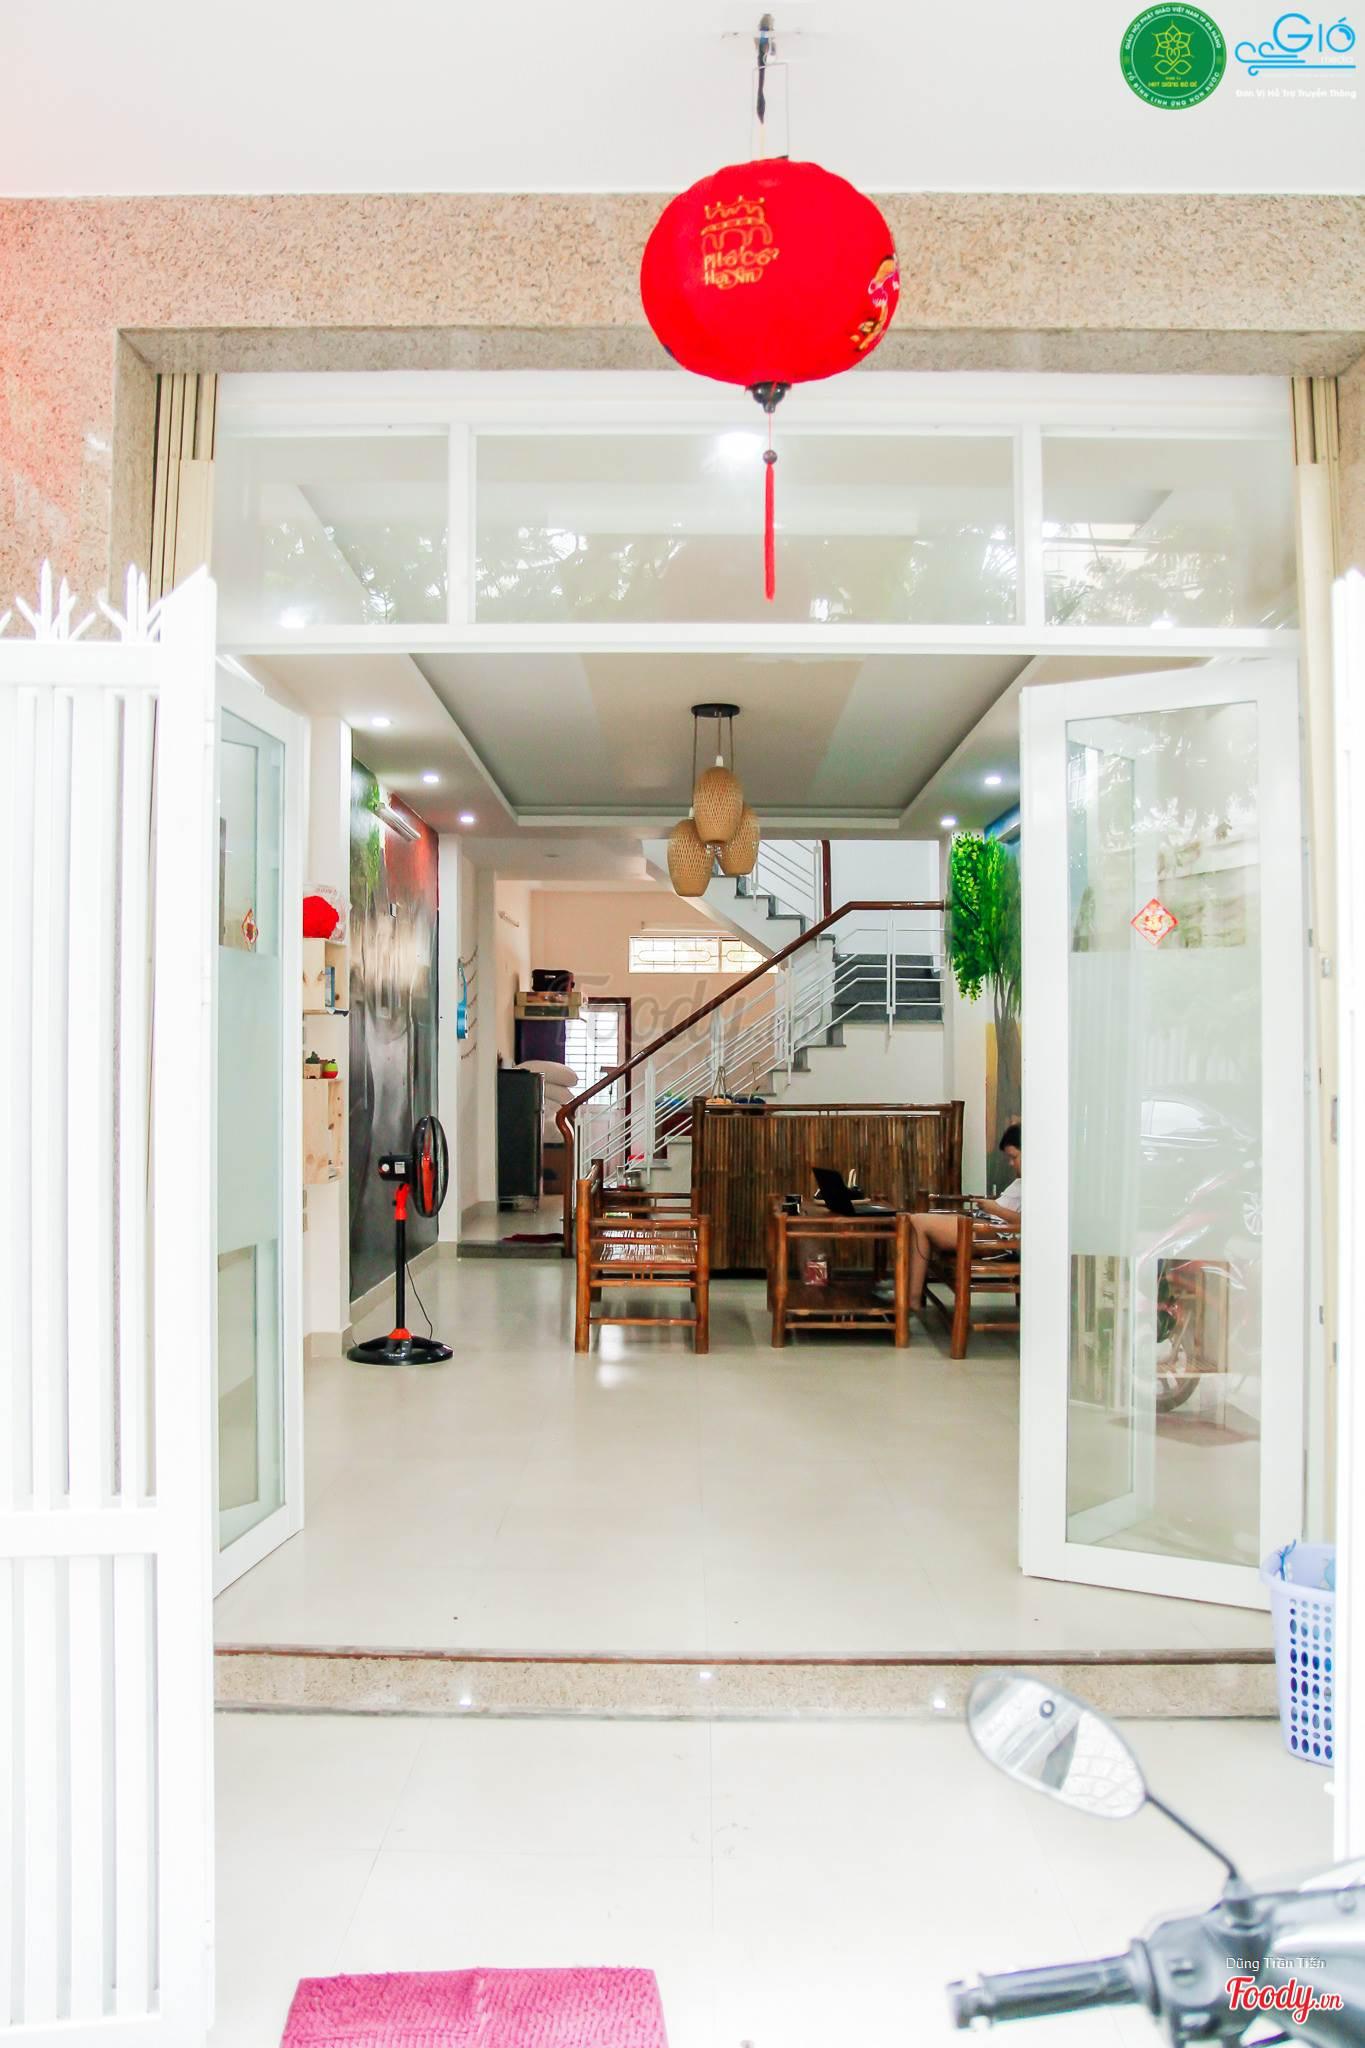 Bamboo như ngôi nhà thứ 2 của bạn tại Đà Nẵng